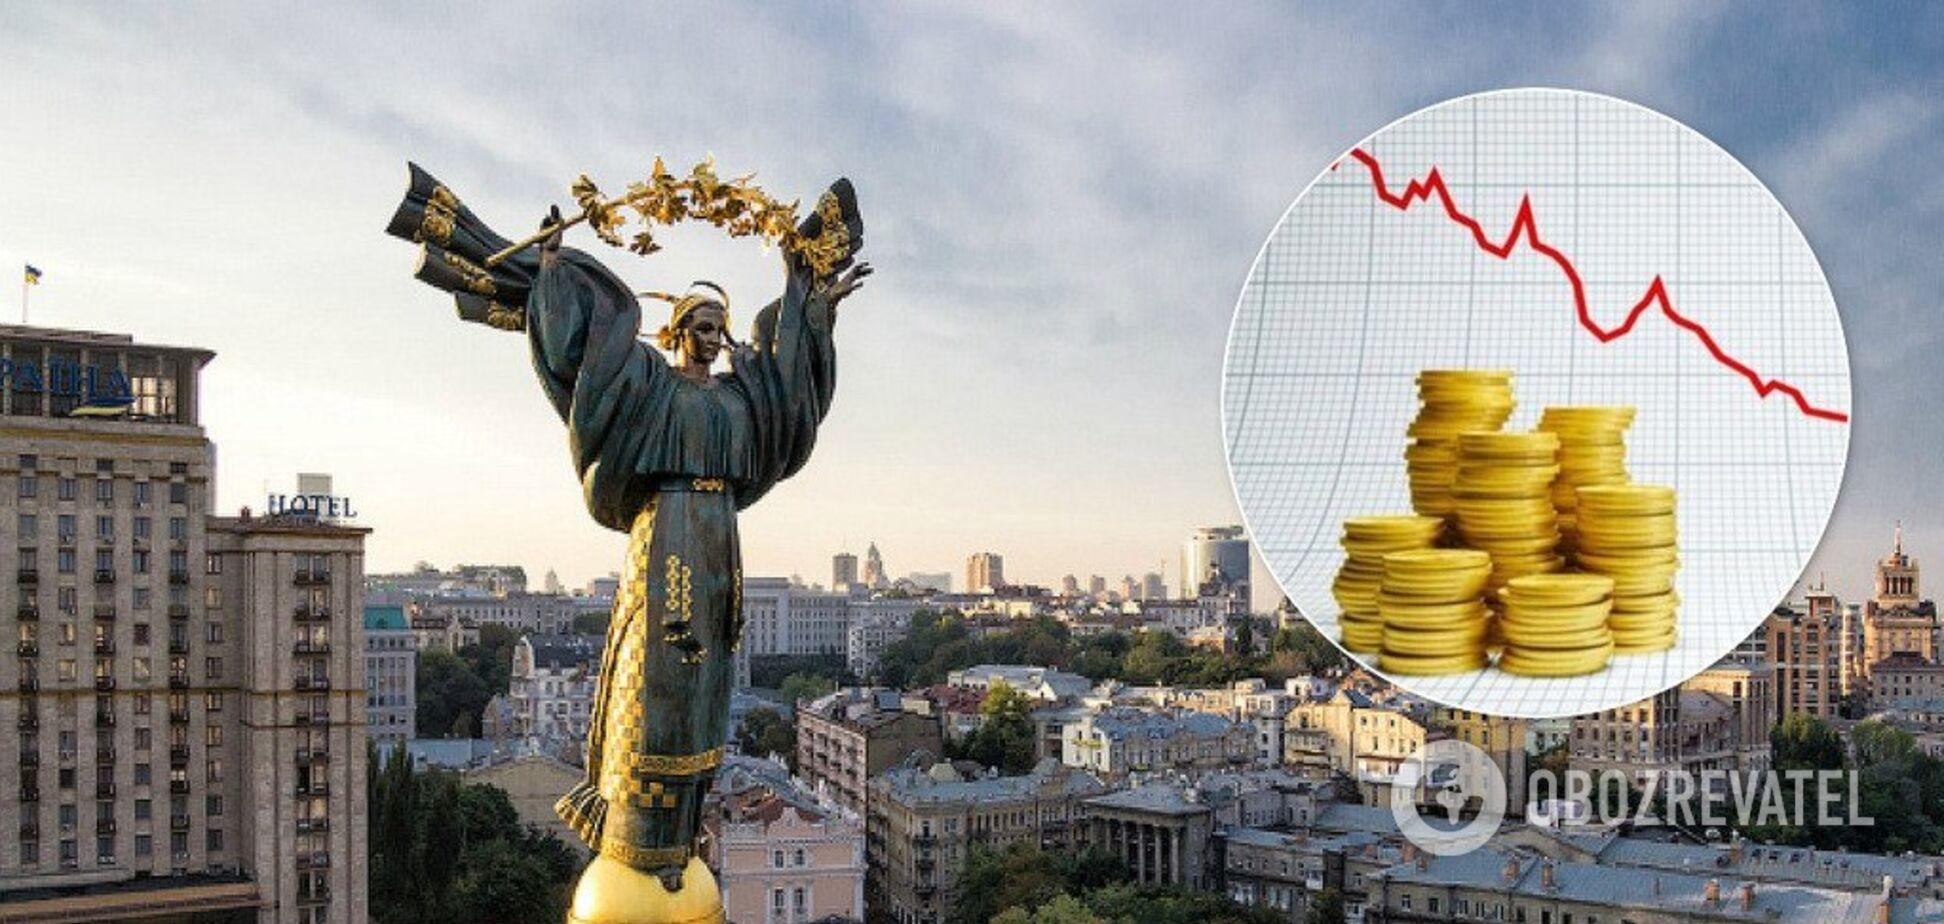 Гончарук 'закрыл' бюджет: стало известно, чем обернется для украинцев